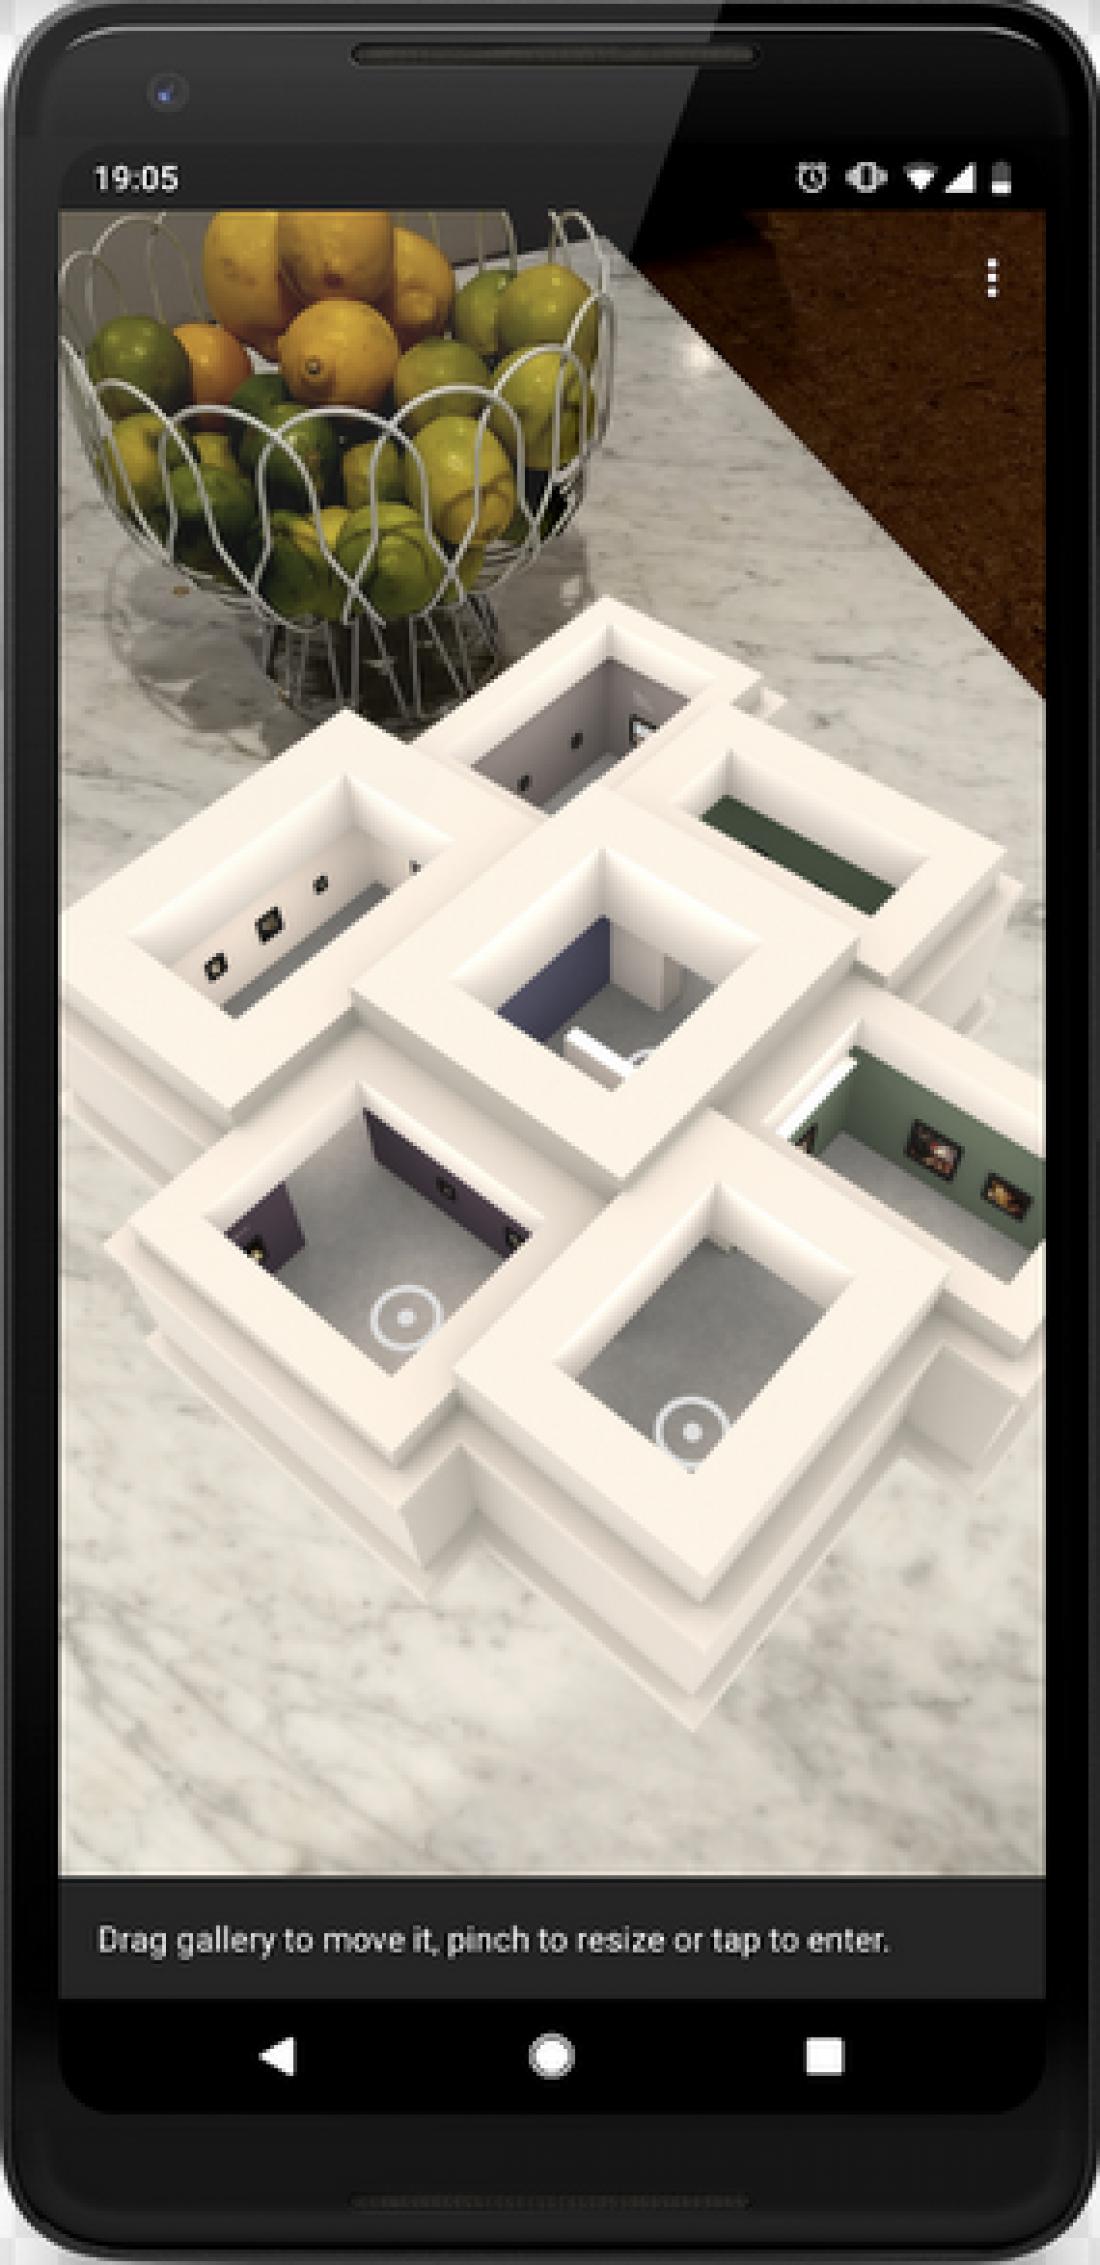 Скриншот планировки виртуальной галереи